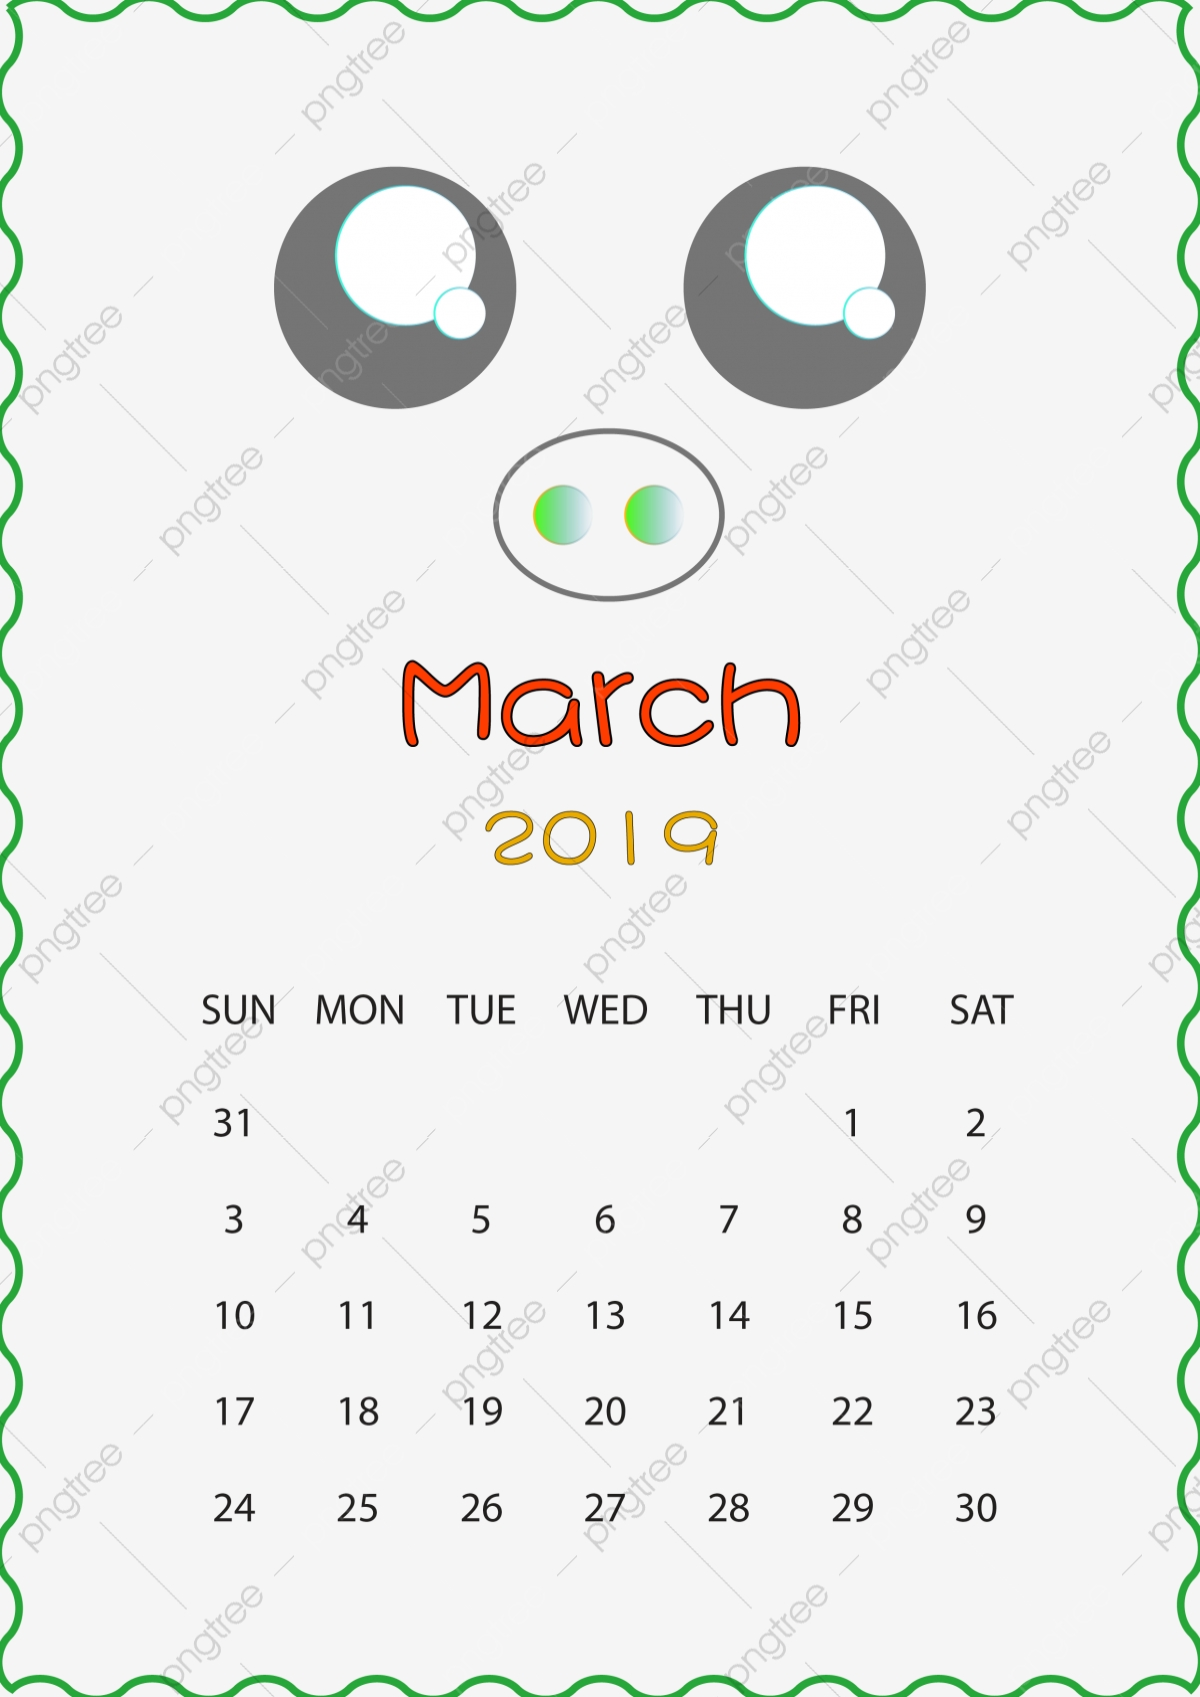 Calendario Dibujo Png.Ano Del Cerdo Calendario Dibujado A Mano De Dibujos Animados